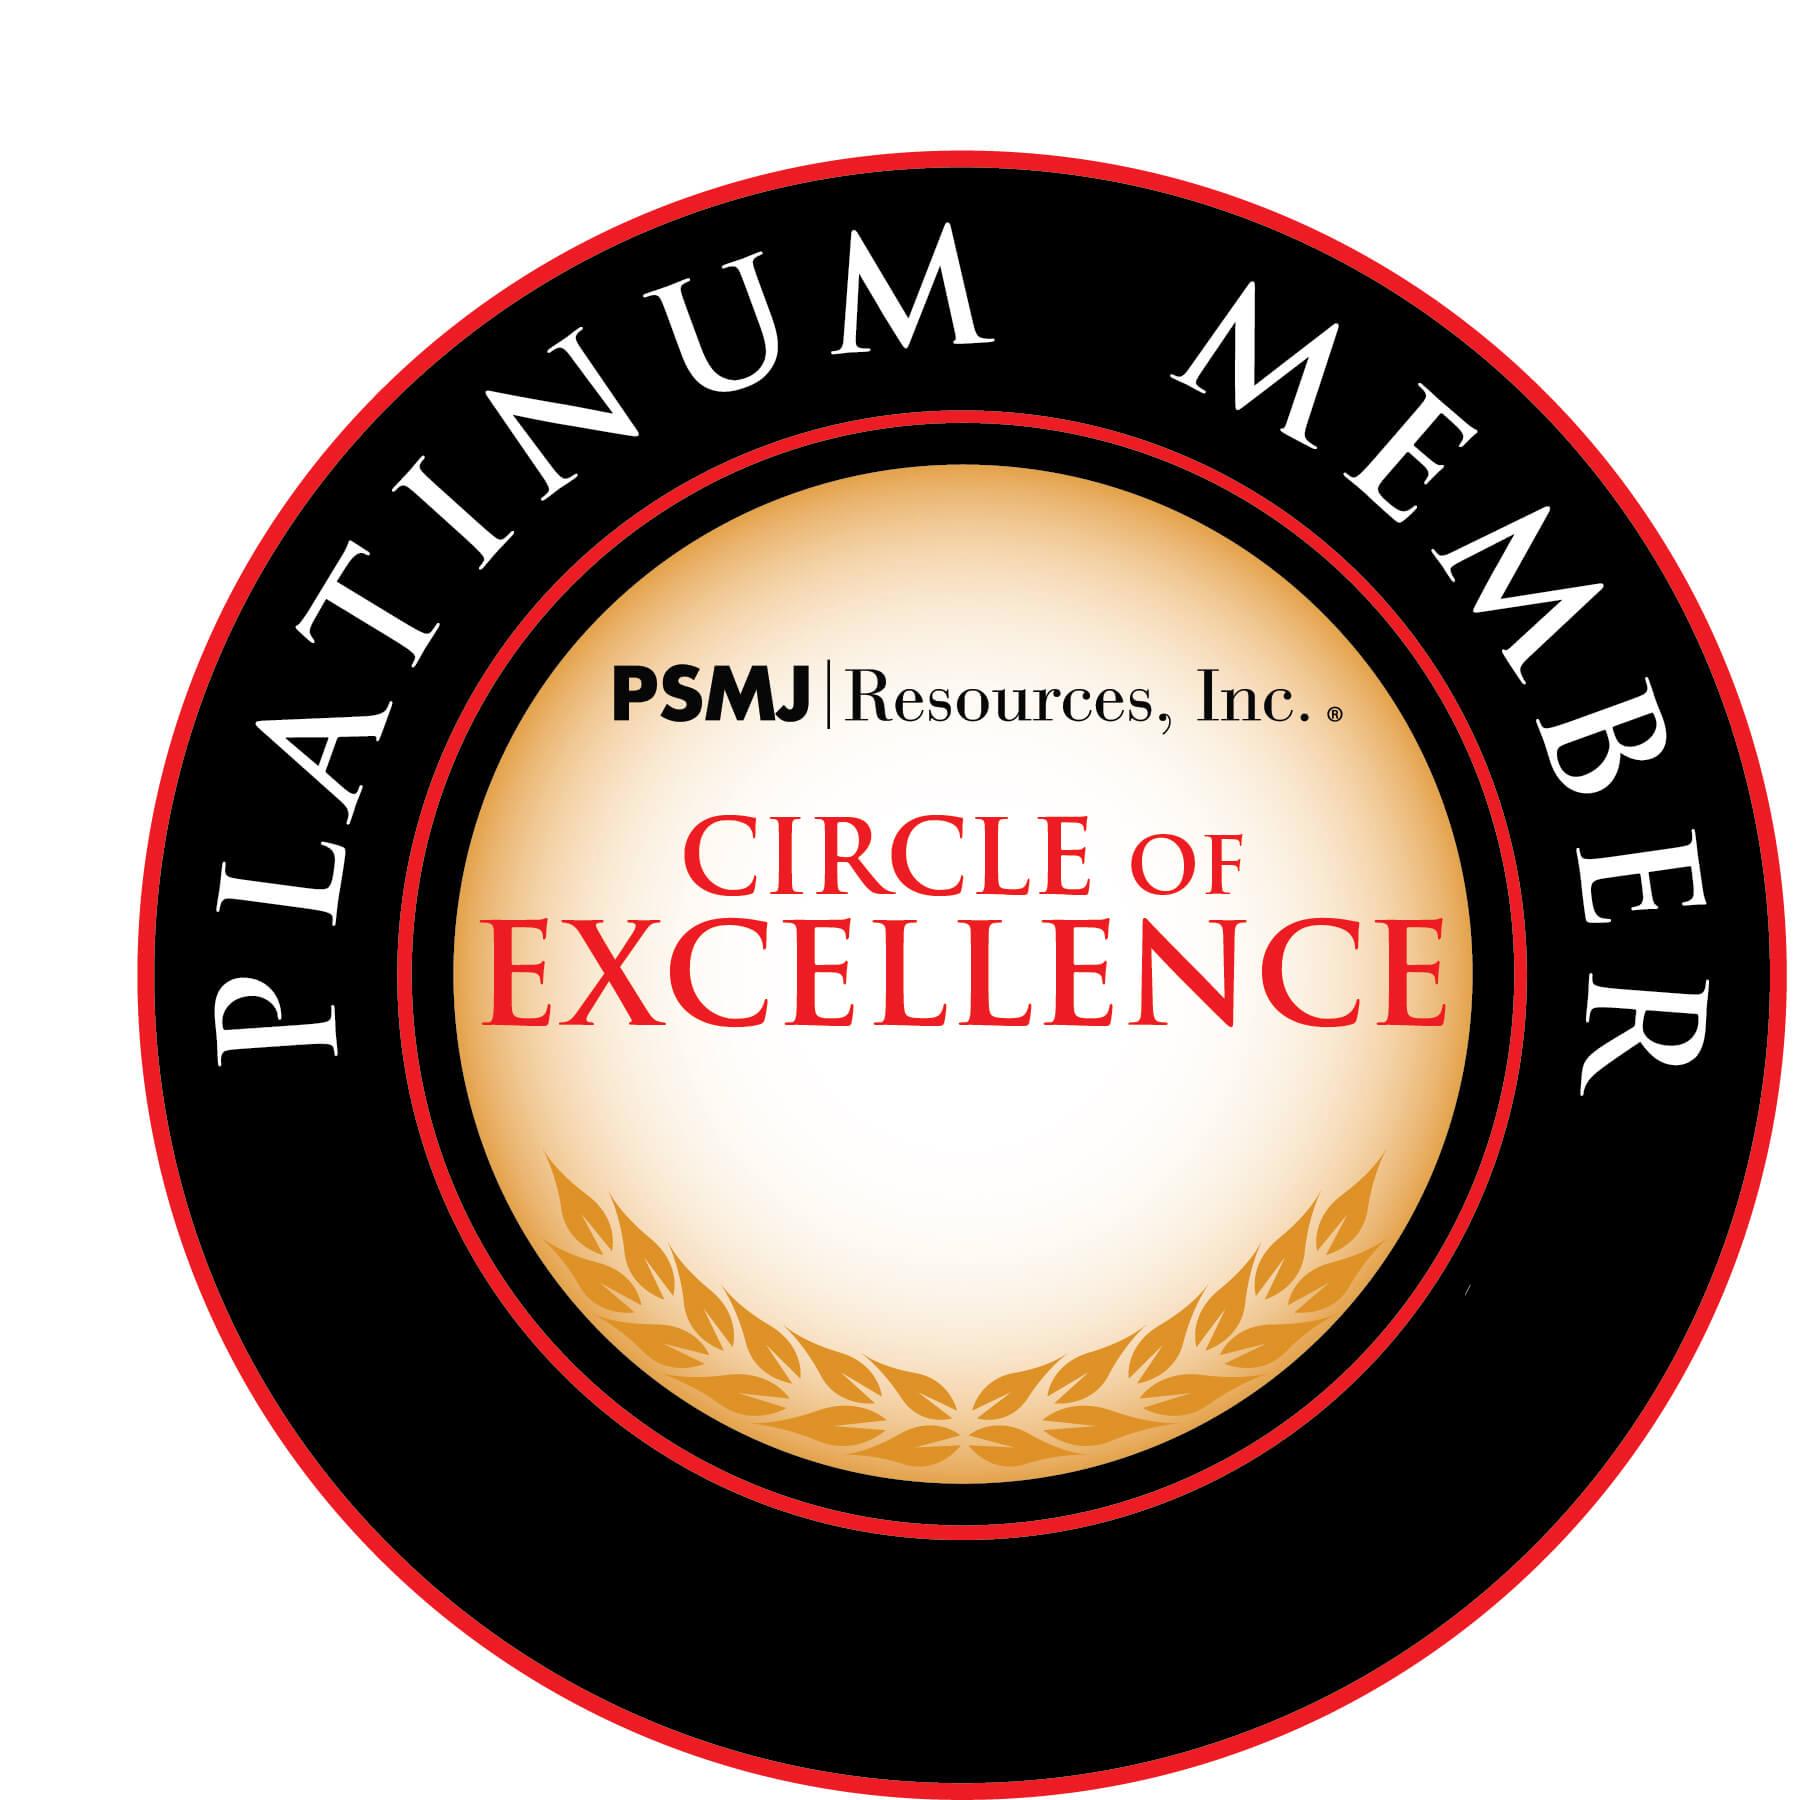 PSMJ's Platinum Award